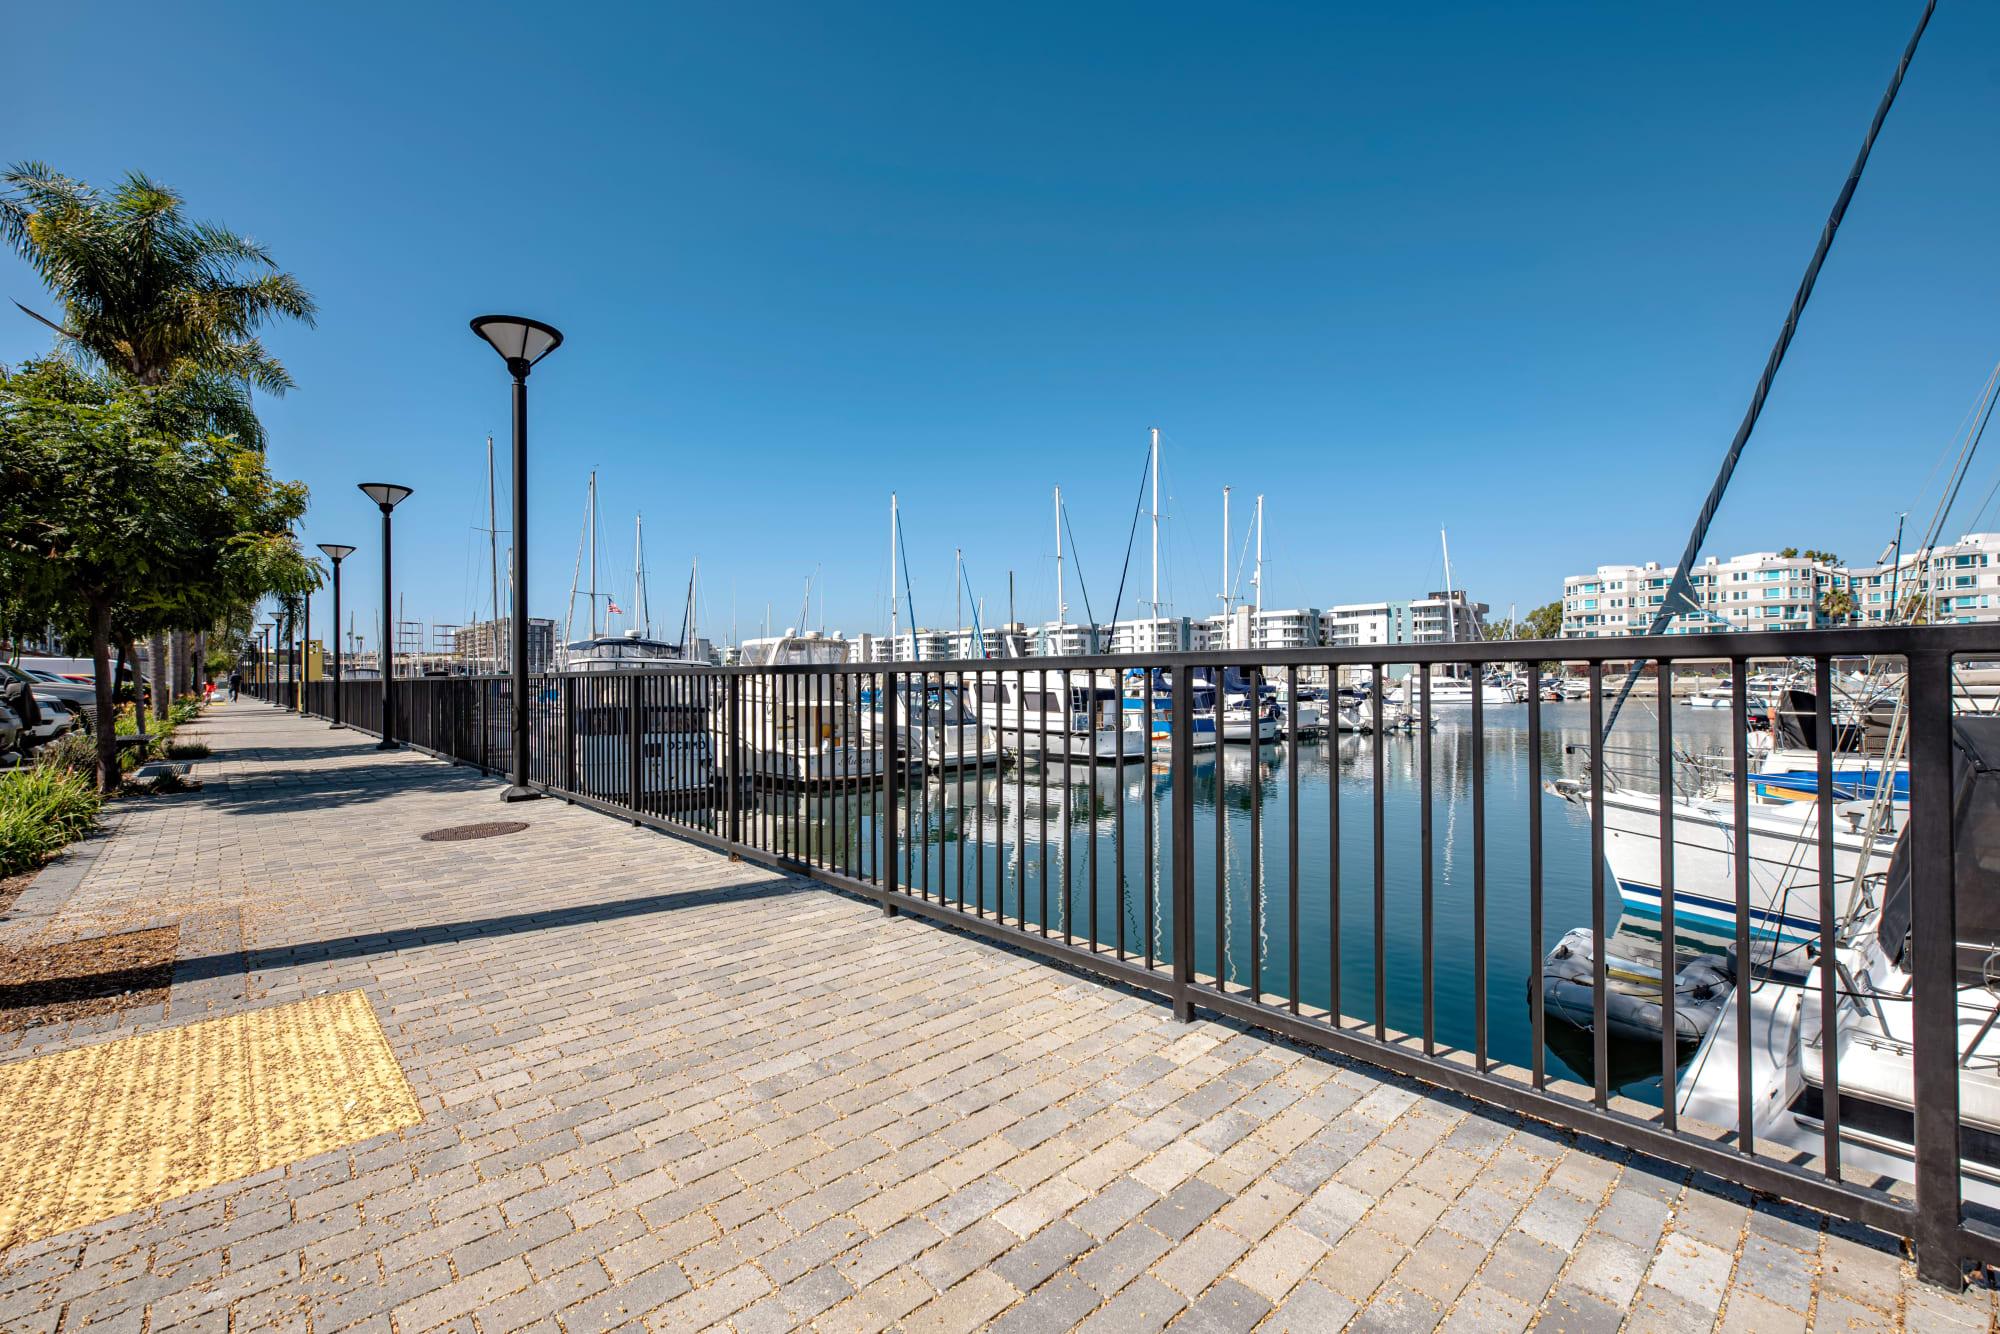 Enjoy walks along the marina at Harborside Marina Bay Apartments in Marina del Rey, California